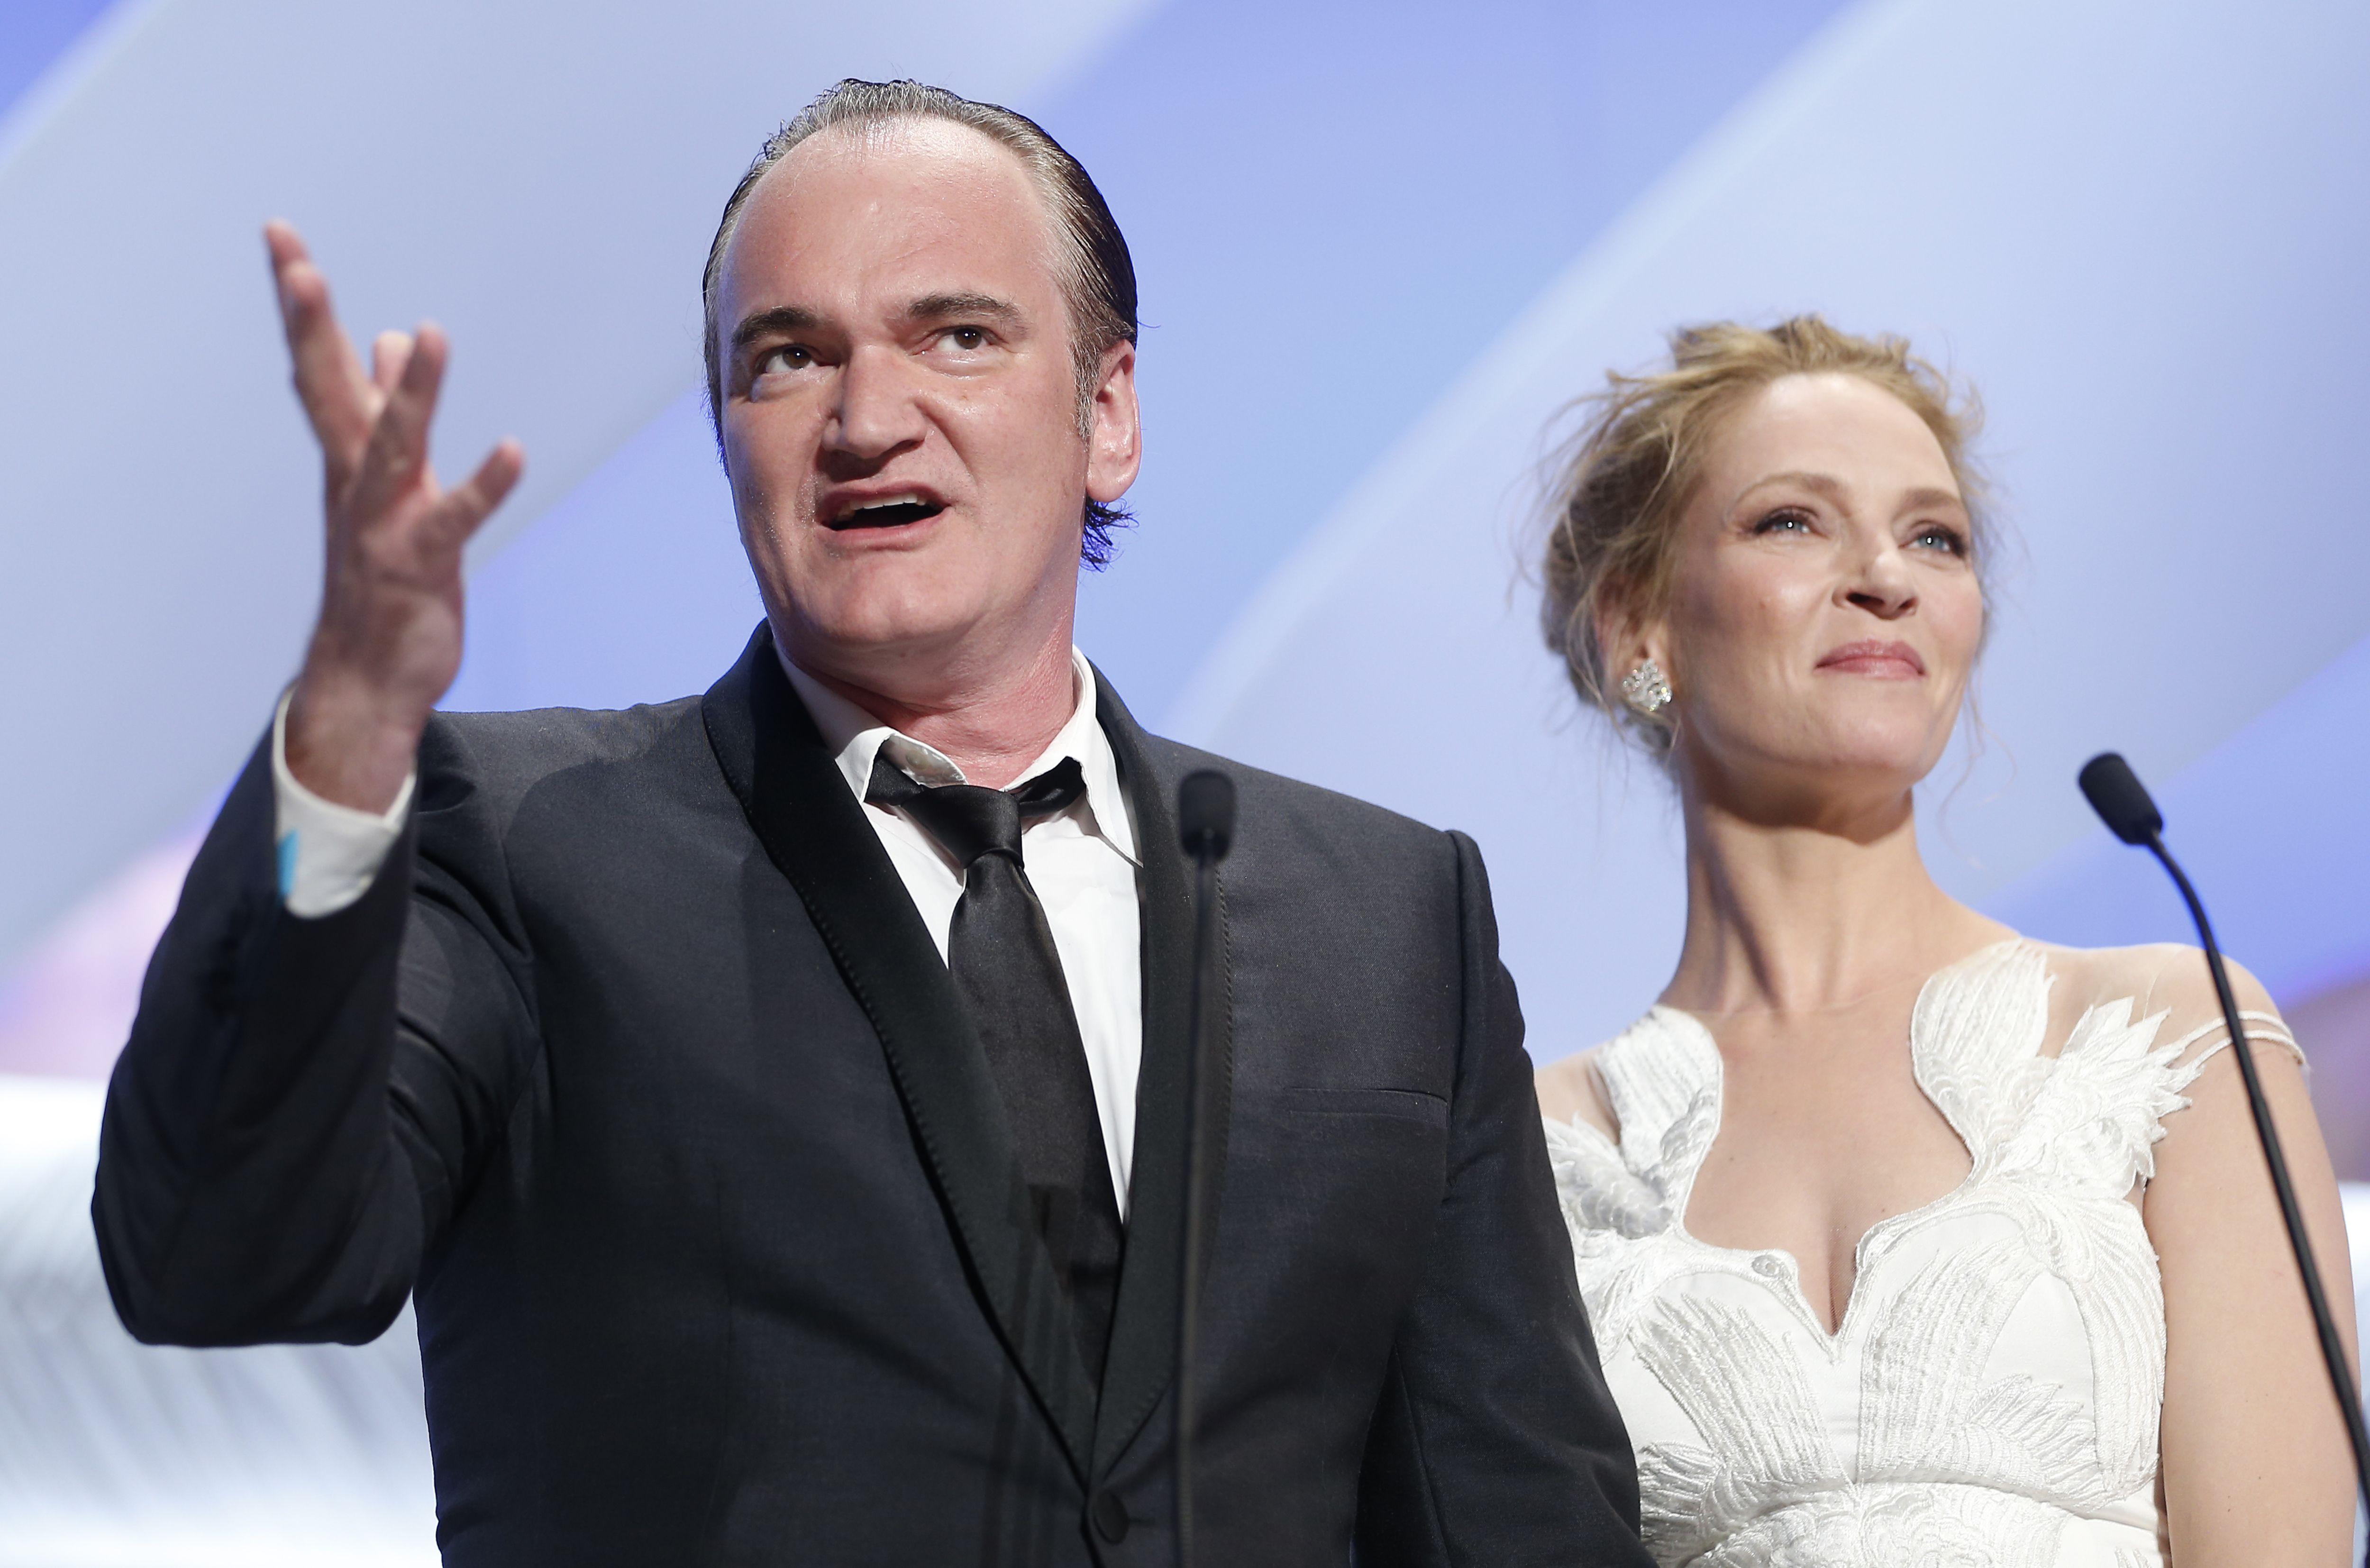 Quentin Tarantino Breaks Silence on Uma Thurman Abuse Claims